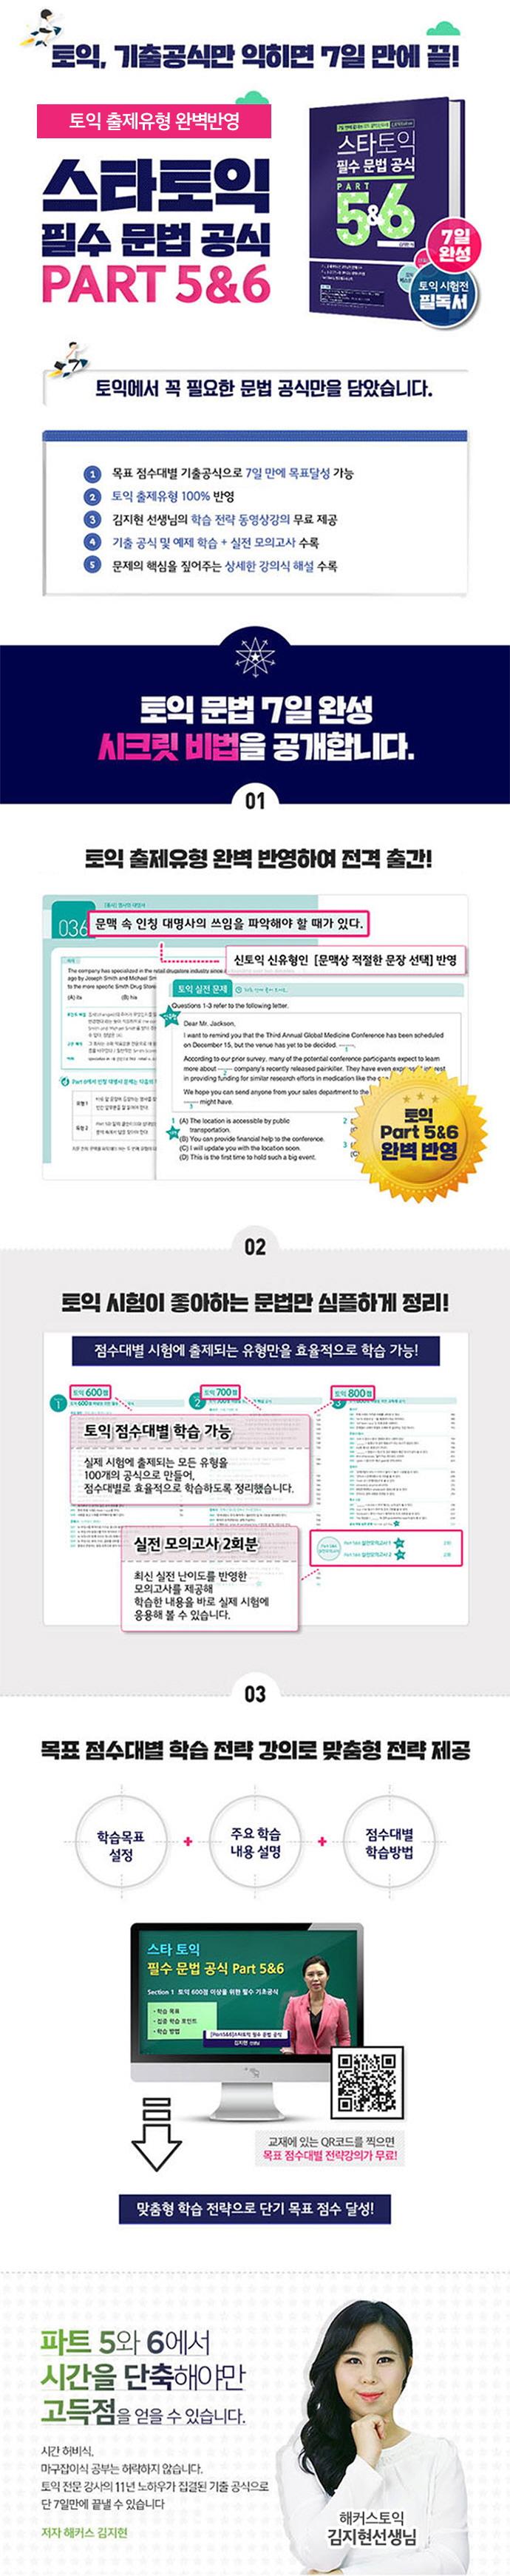 스타토익 필수 문법 공식 Part 5&6 RC(신토익 Edition)(2판) 도서 상세이미지